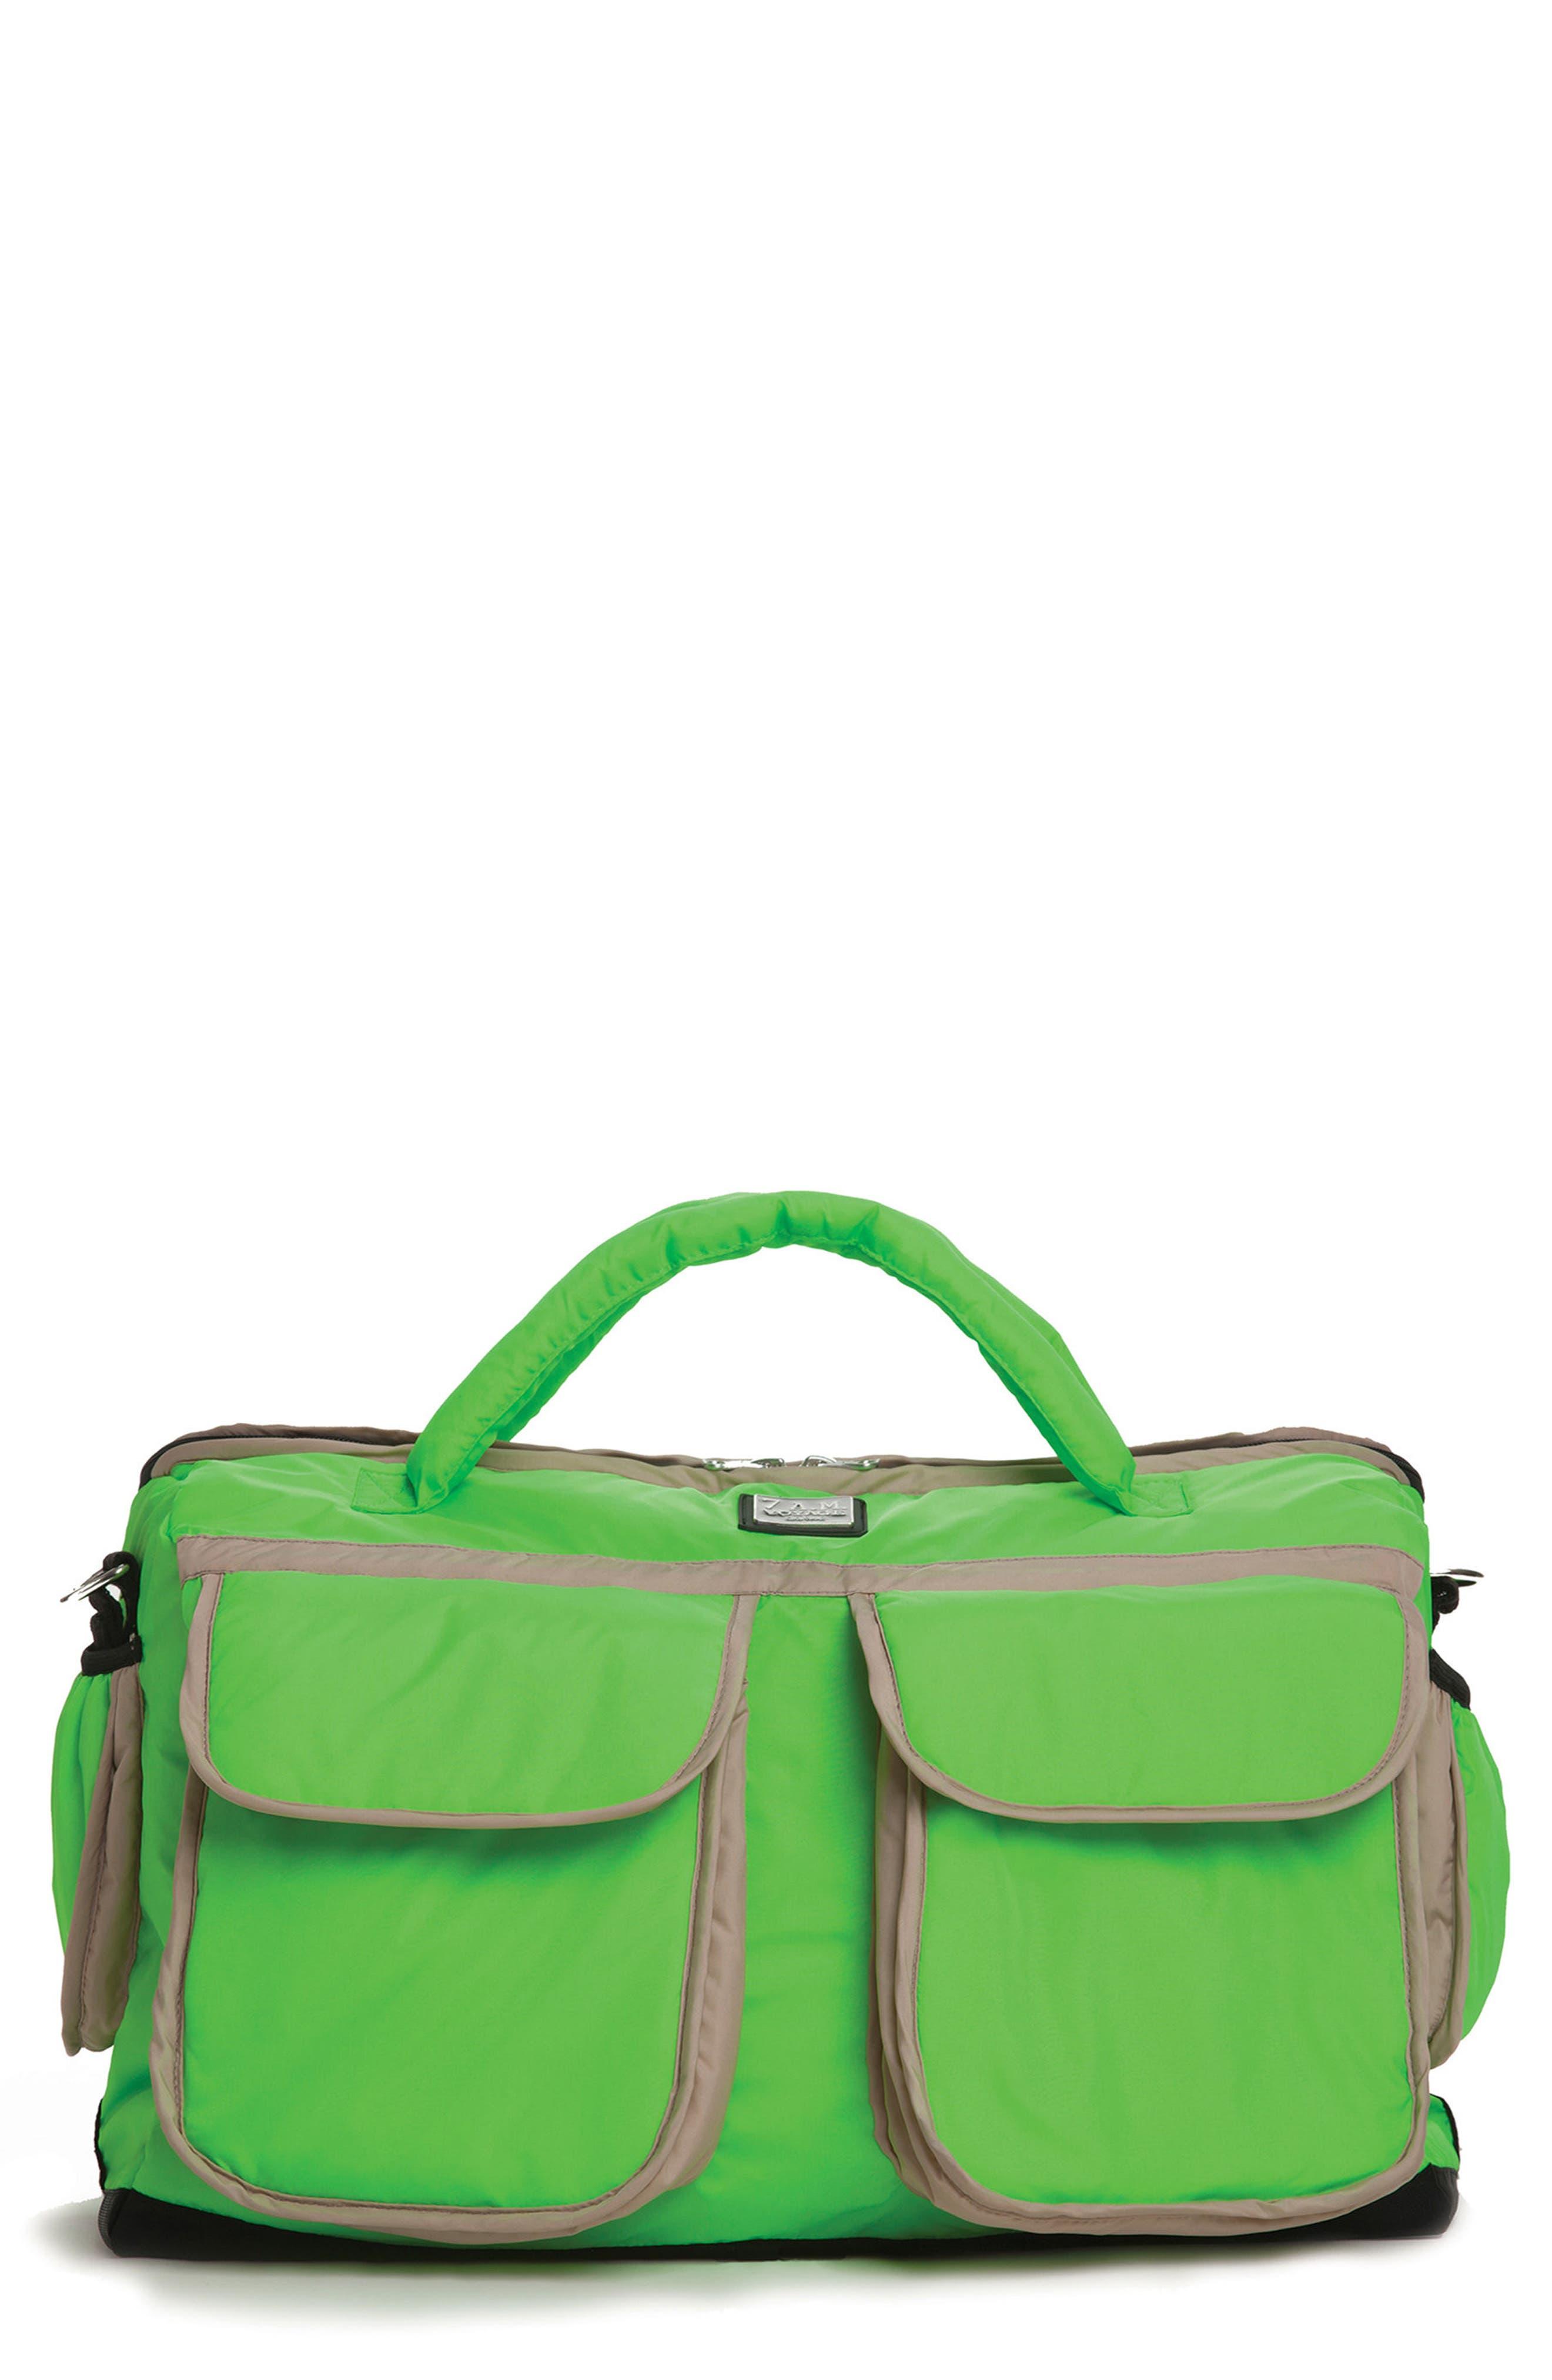 7 A.M. Enfant 'Voyage' Diaper Bag